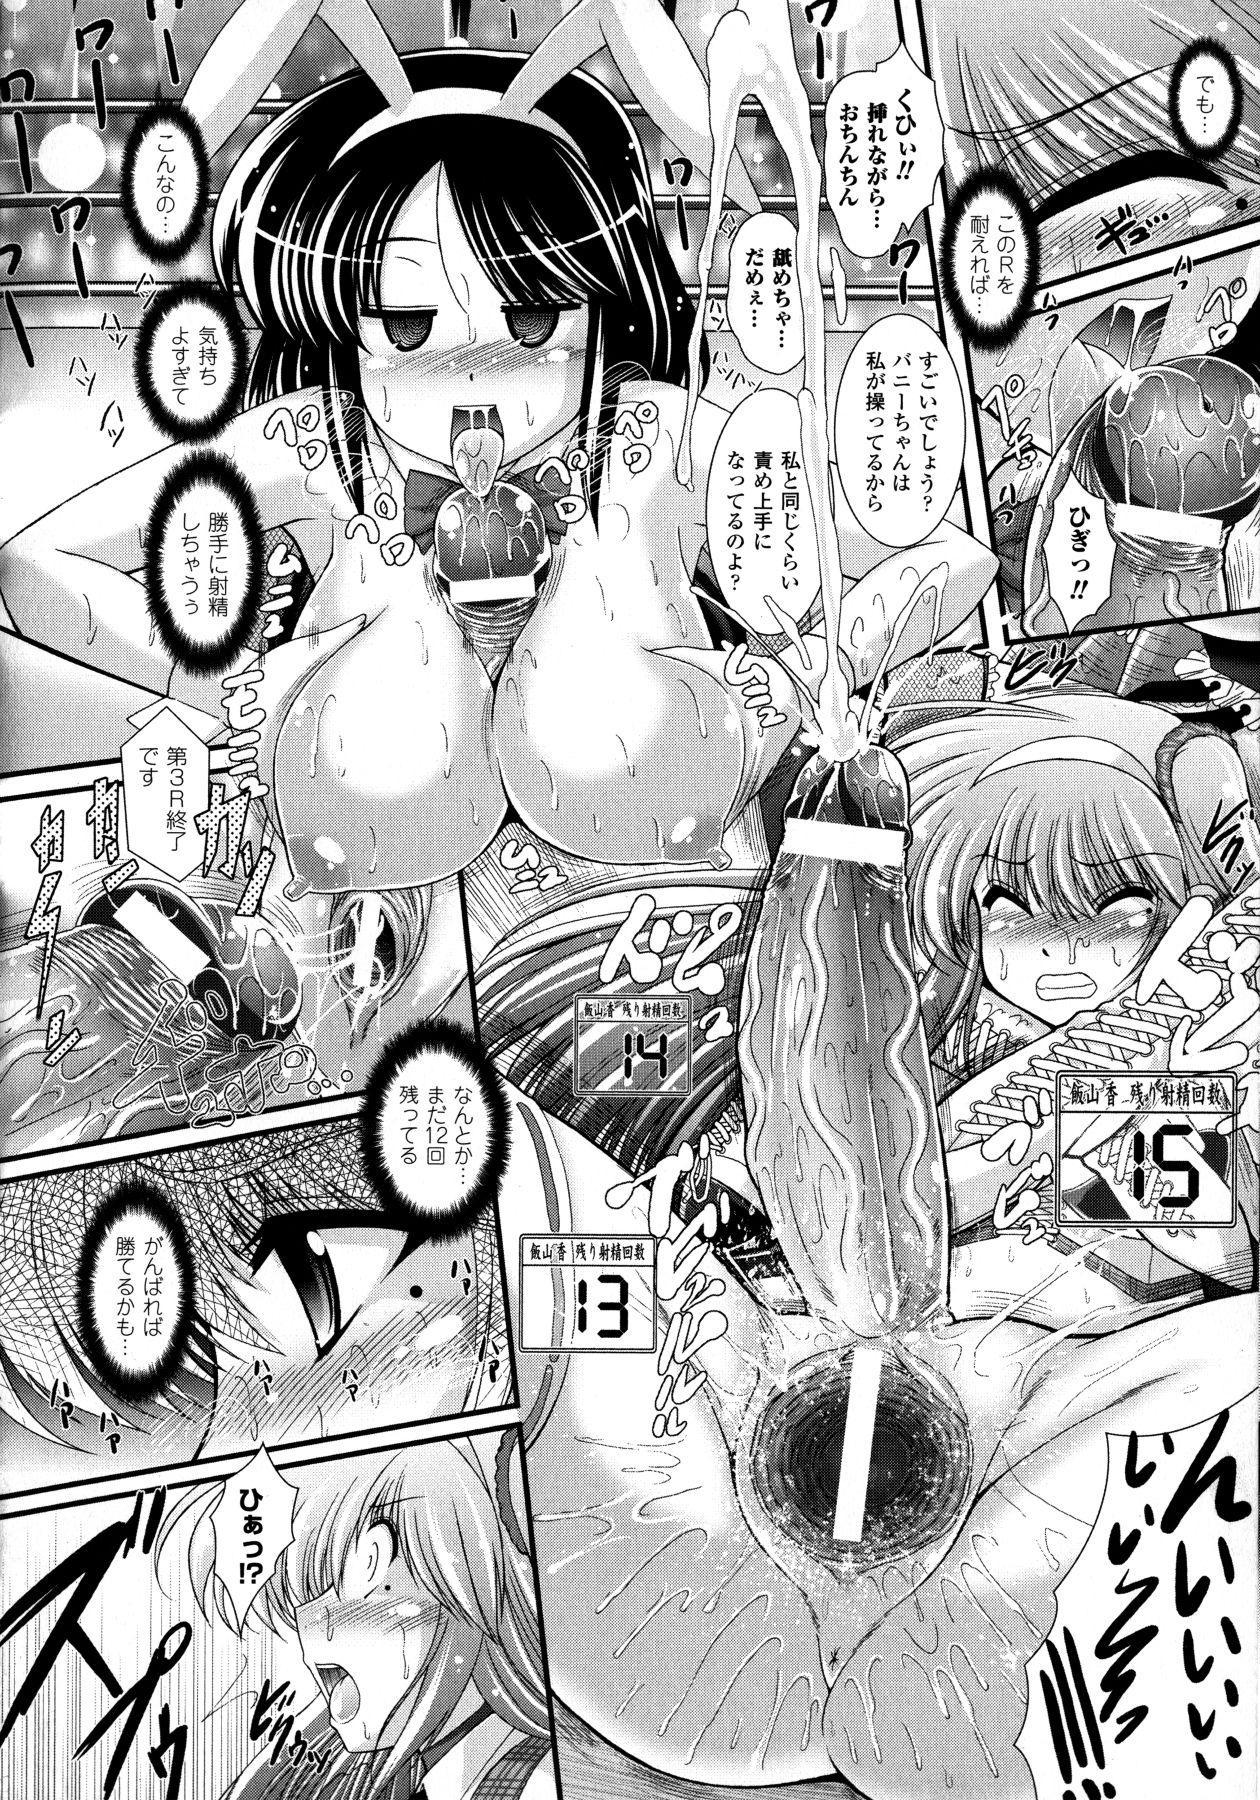 Akuma no Shitsumon 93